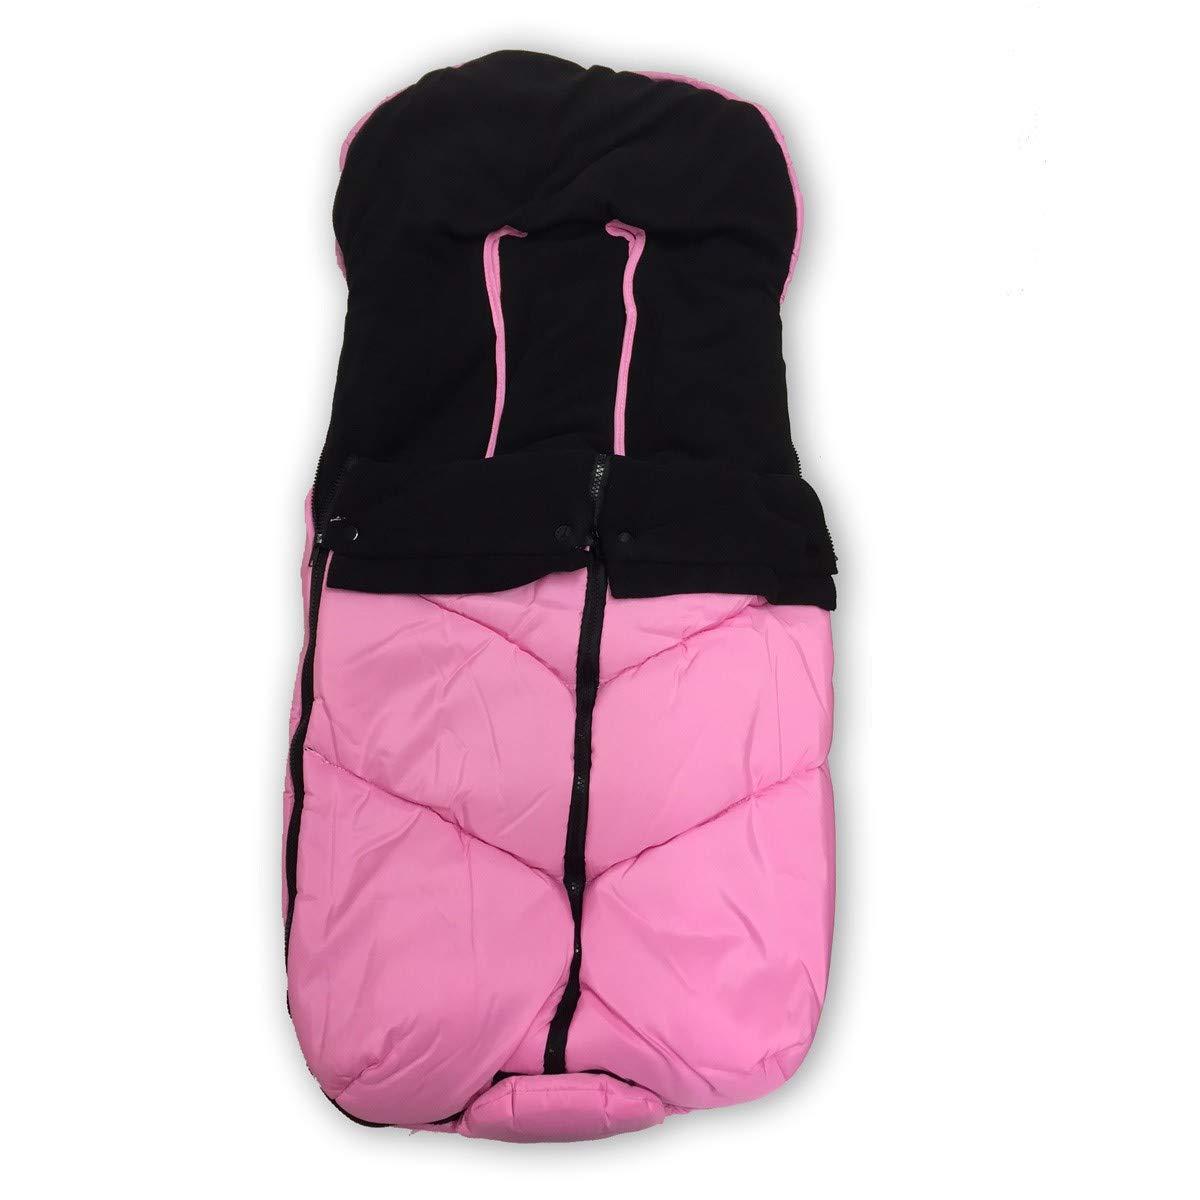 Bozz Ergo - Saco de dormir universal con forro polar extra largo ...